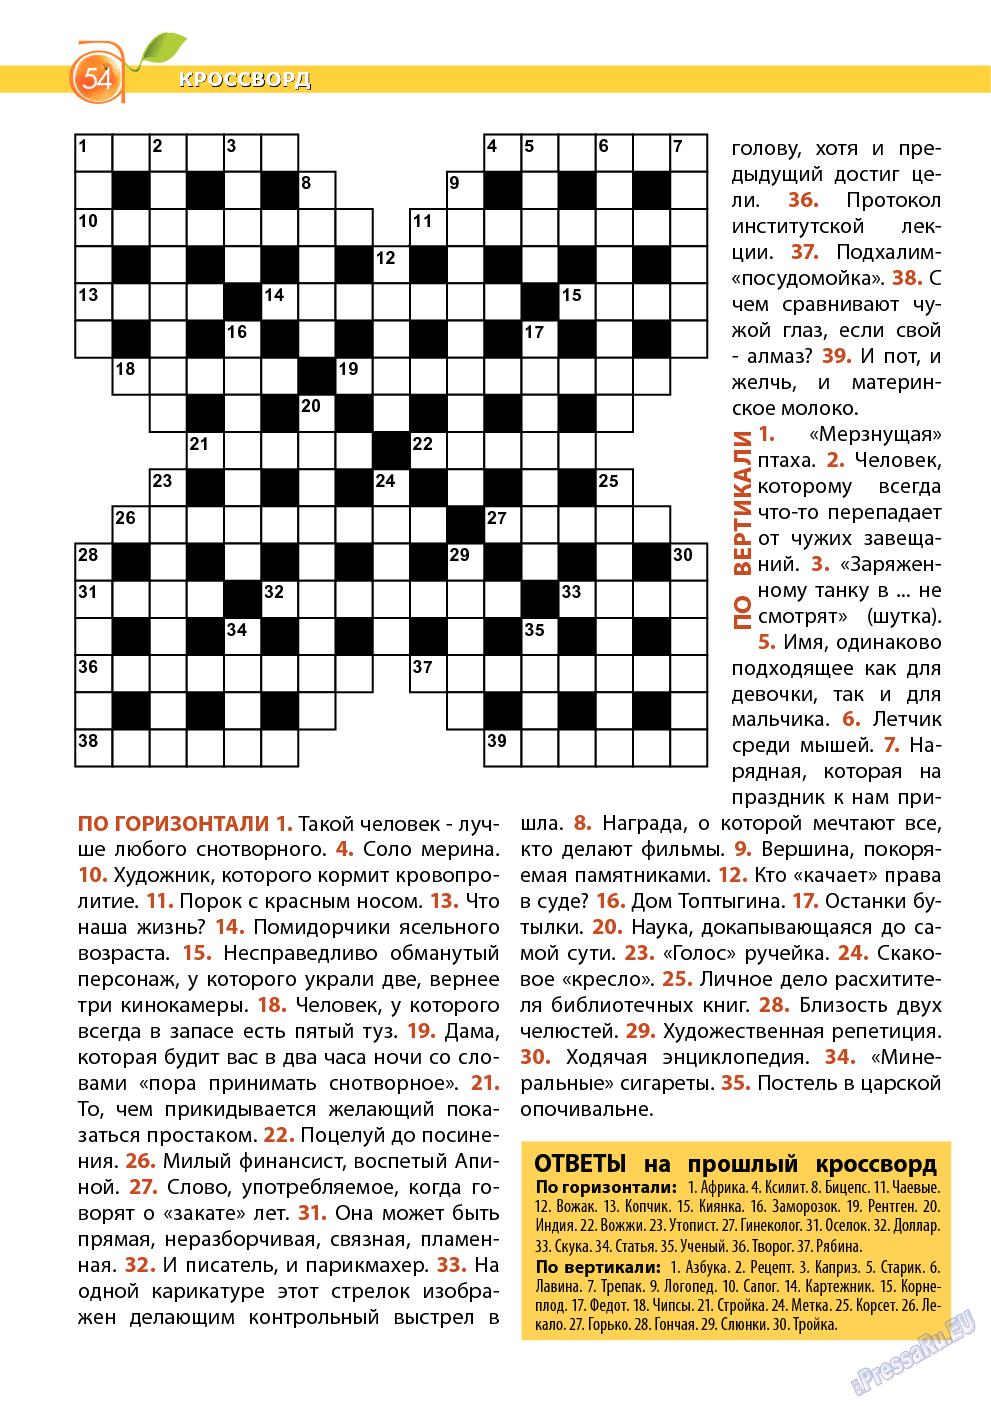 Апельсин (журнал). 2014 год, номер 56, стр. 52